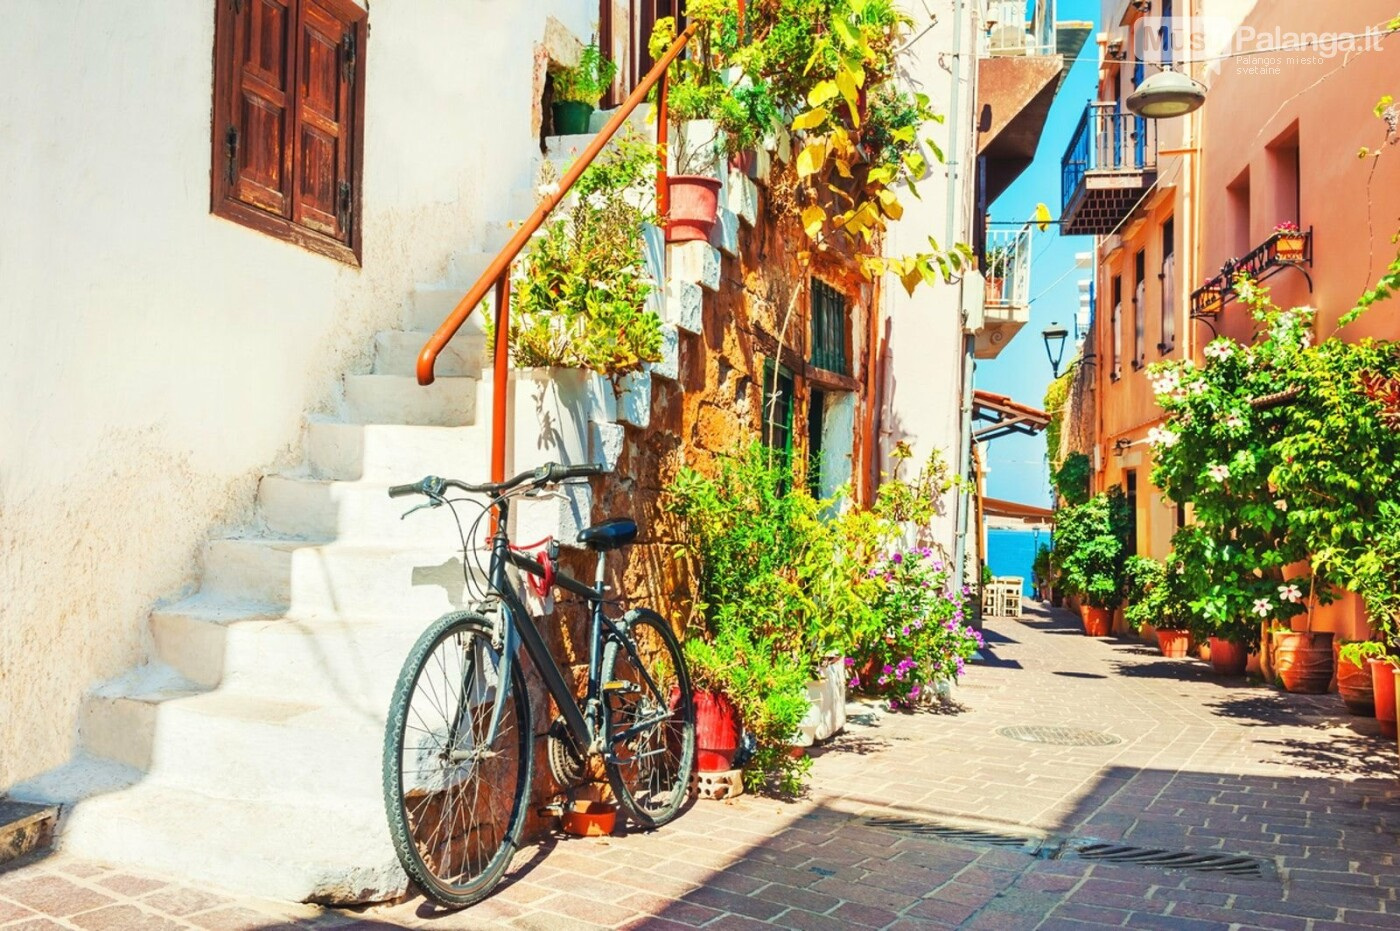 Geros žinios planuojantiems atostogas: kelionių organizatoriai skraidina į Kiprą, atnaujinamos kelionės į Kretą, nuotrauka-4